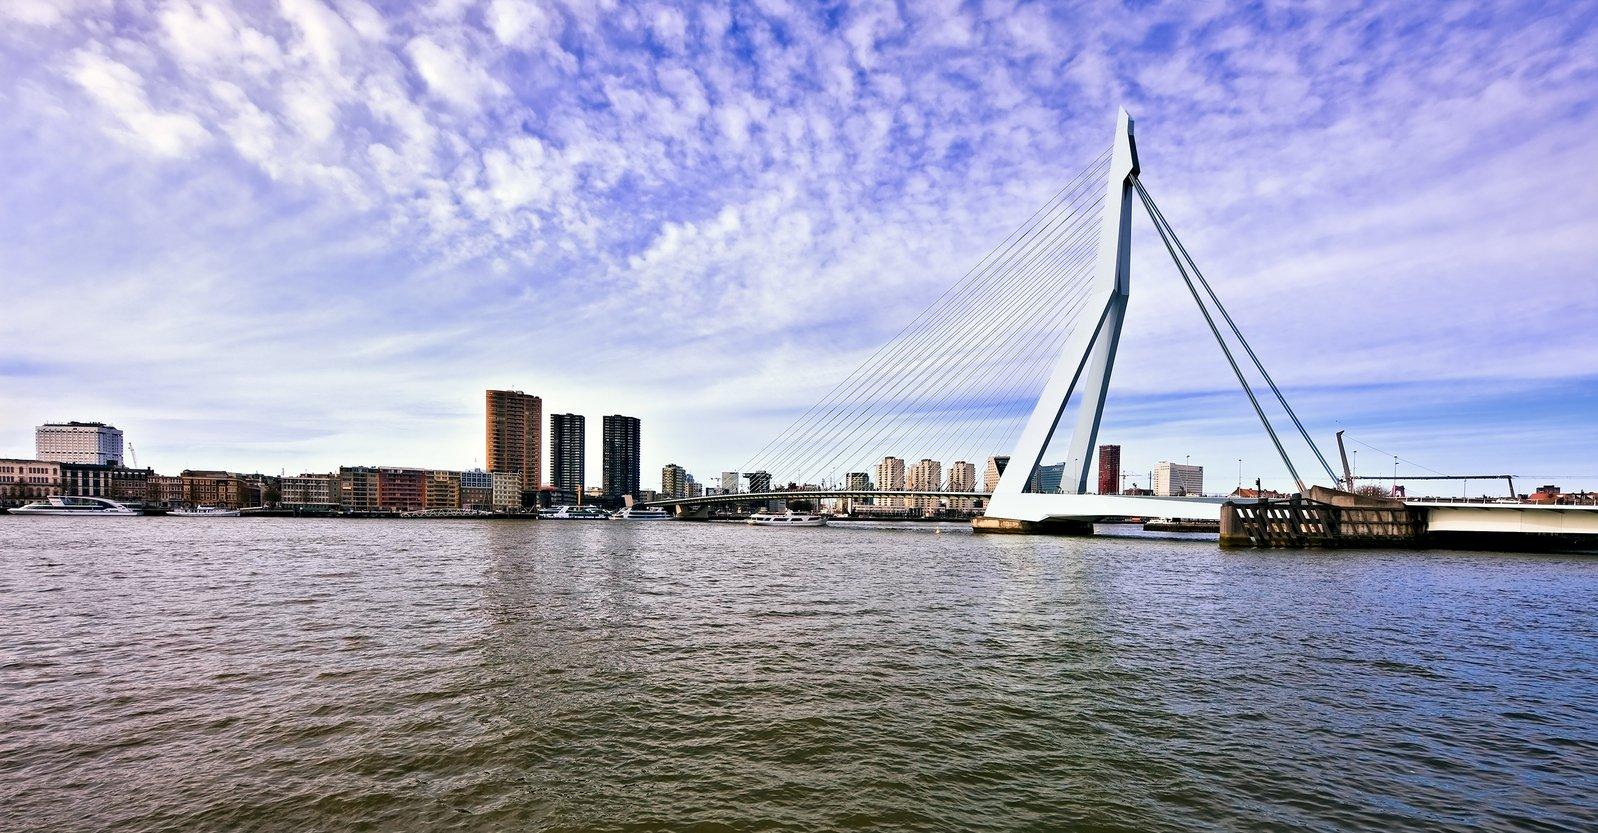 Free Erasmus bridge Stock Photo - FreeImages.com